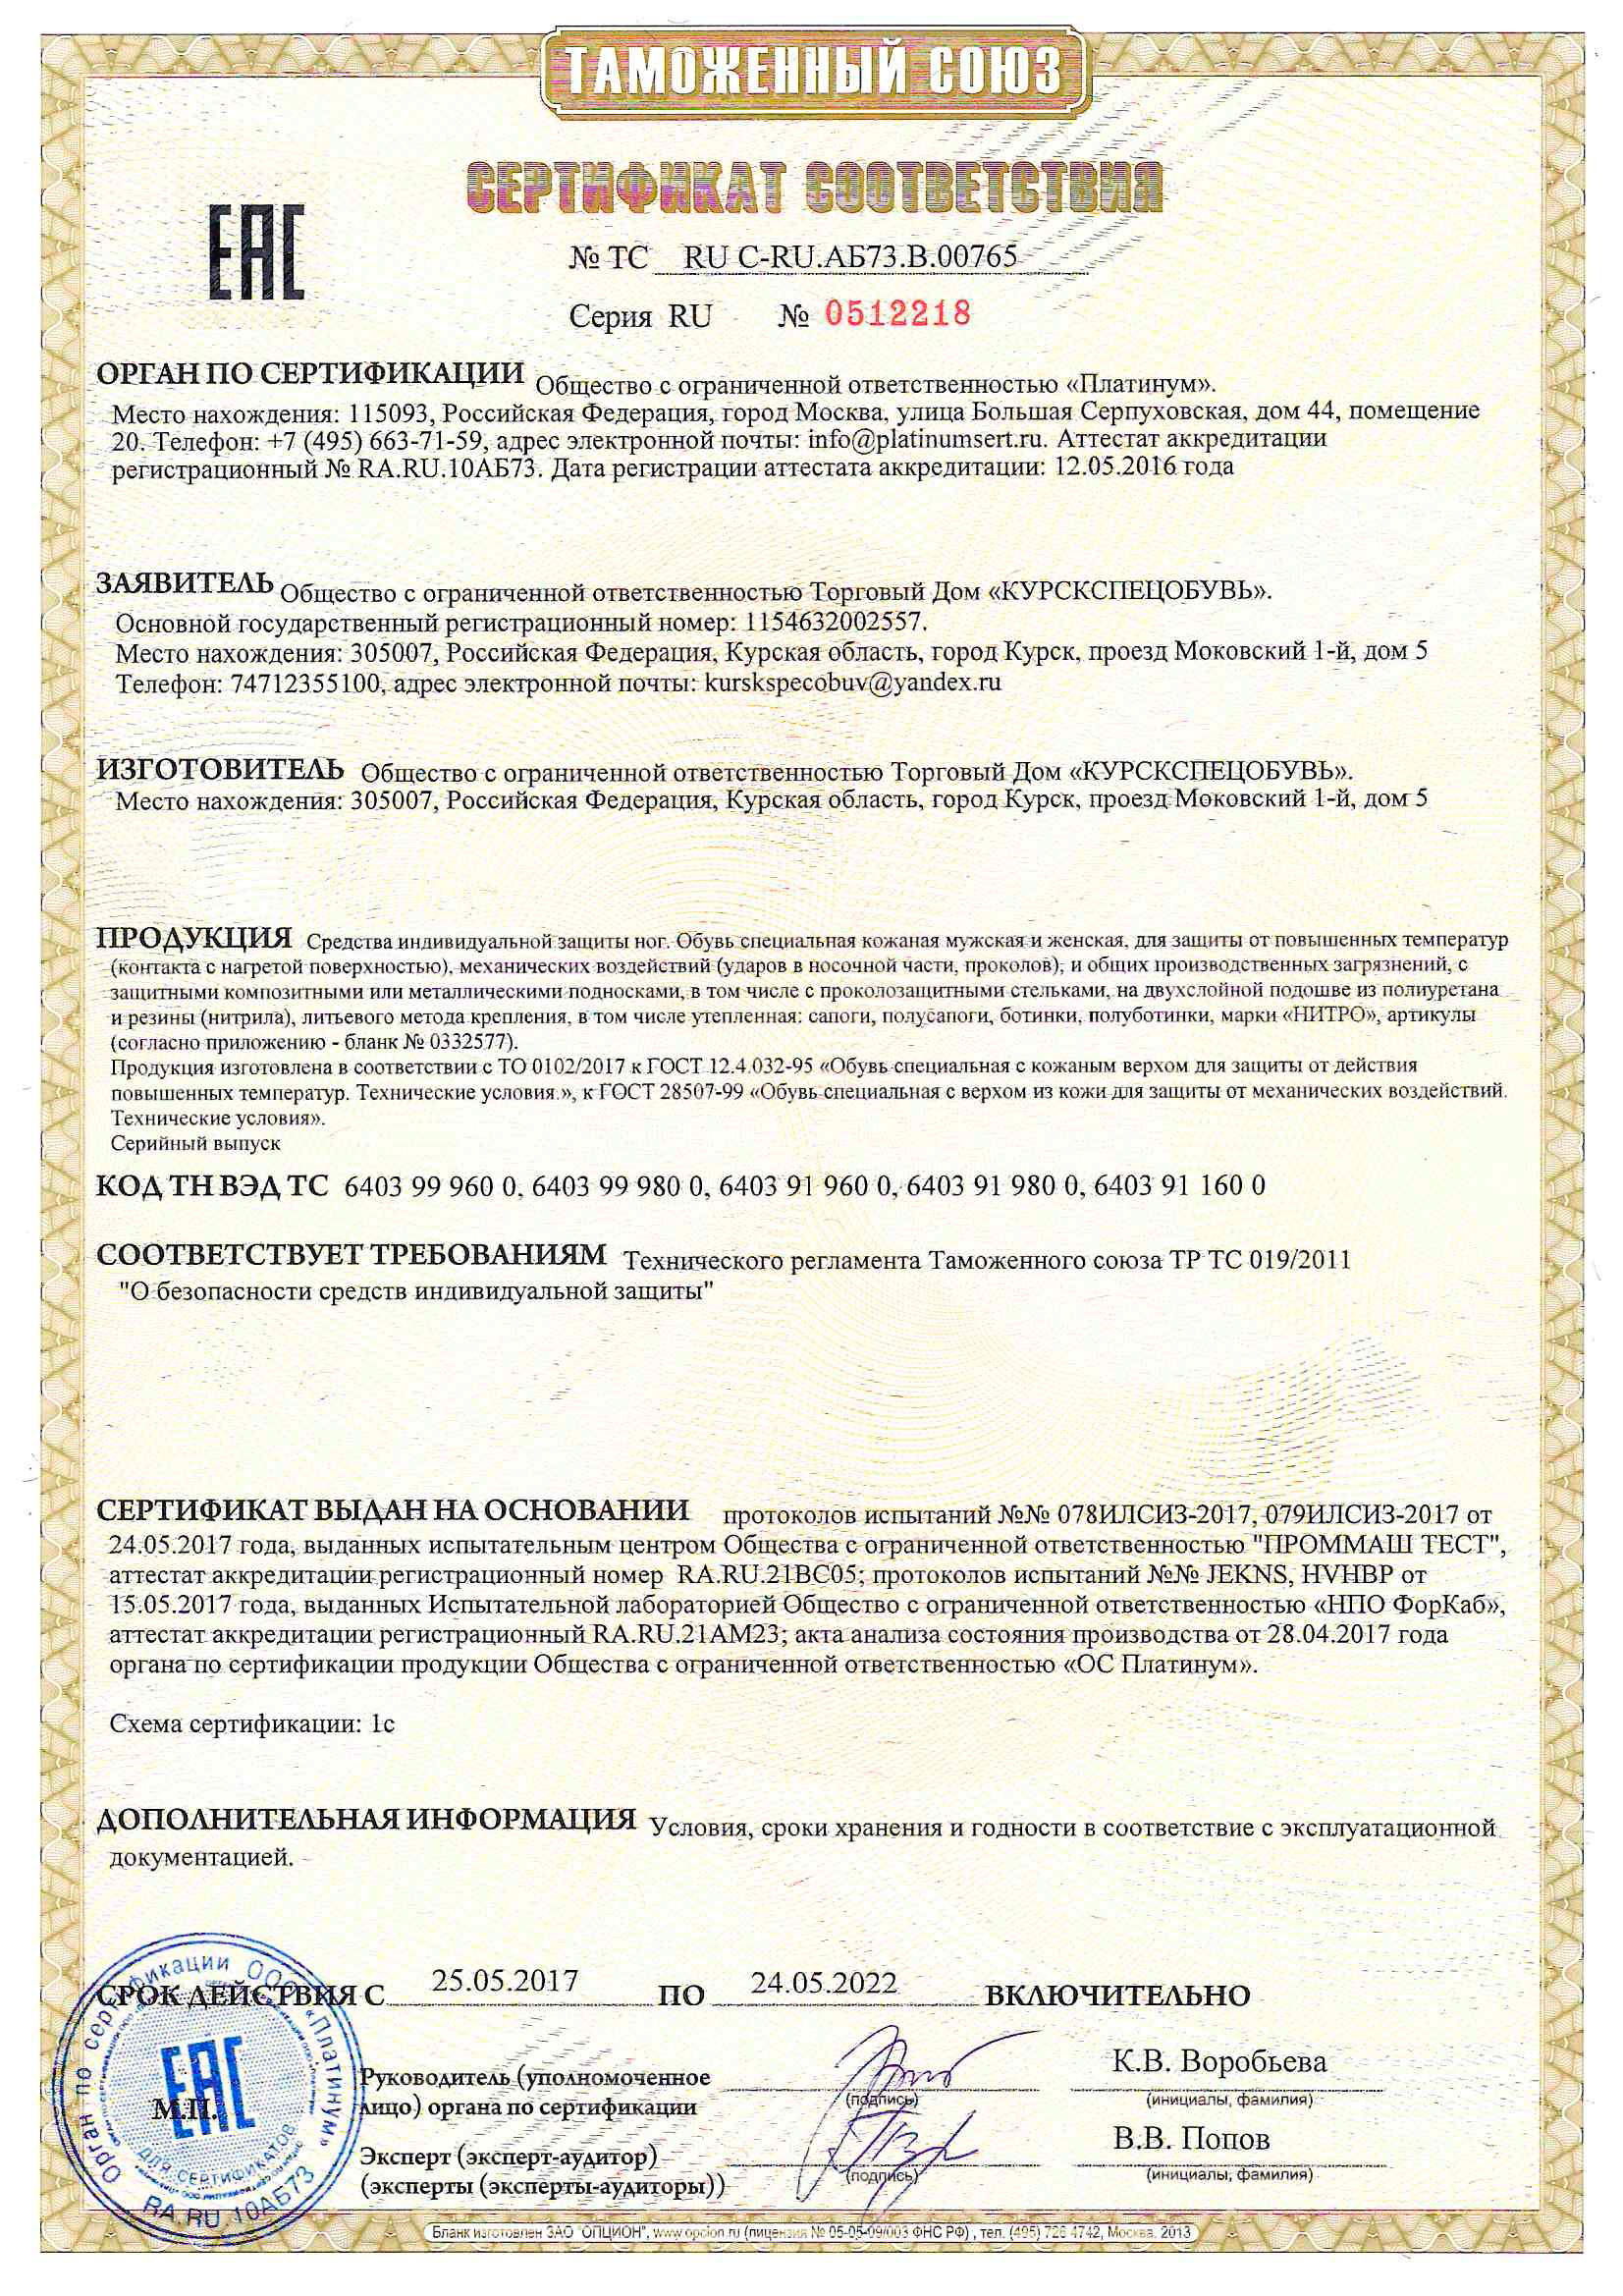 Сертификат соответствия продукции ООО ТД «КУРСКСПЕЦОБУВЬ»